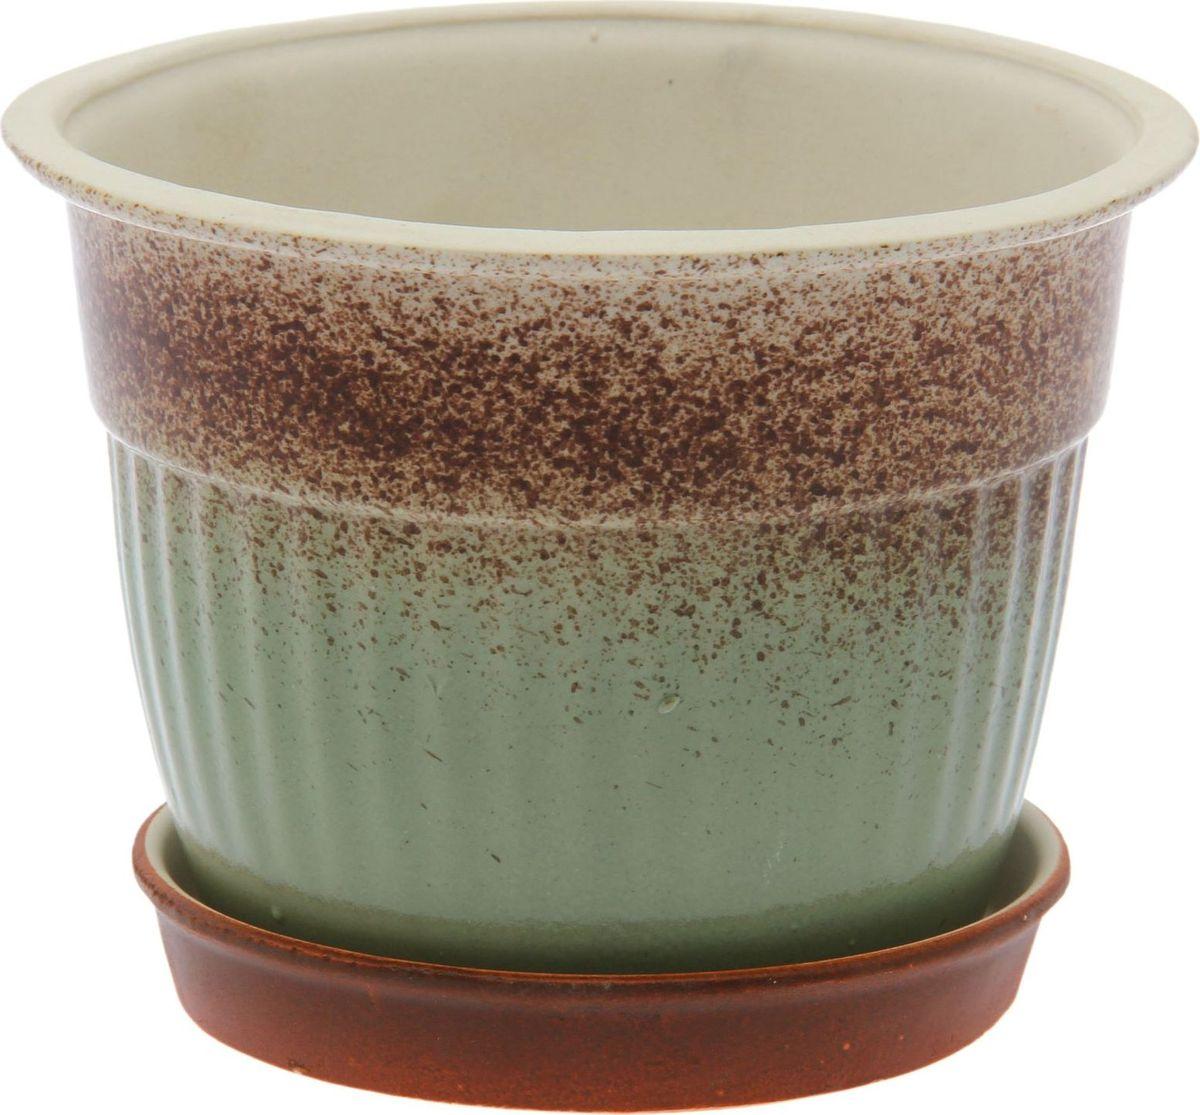 Кашпо Керамика ручной работы Ребро, цвет: , 1,7 л1482085Комнатные растения — всеобщие любимцы. Они радуют глаз, насыщают помещение кислородом и украшают пространство. Каждому из них необходим свой удобный и красивый дом. Кашпо из керамики прекрасно подходят для высадки растений: за счёт пластичности глины и разных способов обработки существует великое множество форм и дизайновпористый материал позволяет испаряться лишней влагевоздух, необходимый для дыхания корней, проникает сквозь керамические стенки! #name# позаботится о зелёном питомце, освежит интерьер и подчеркнёт его стиль.